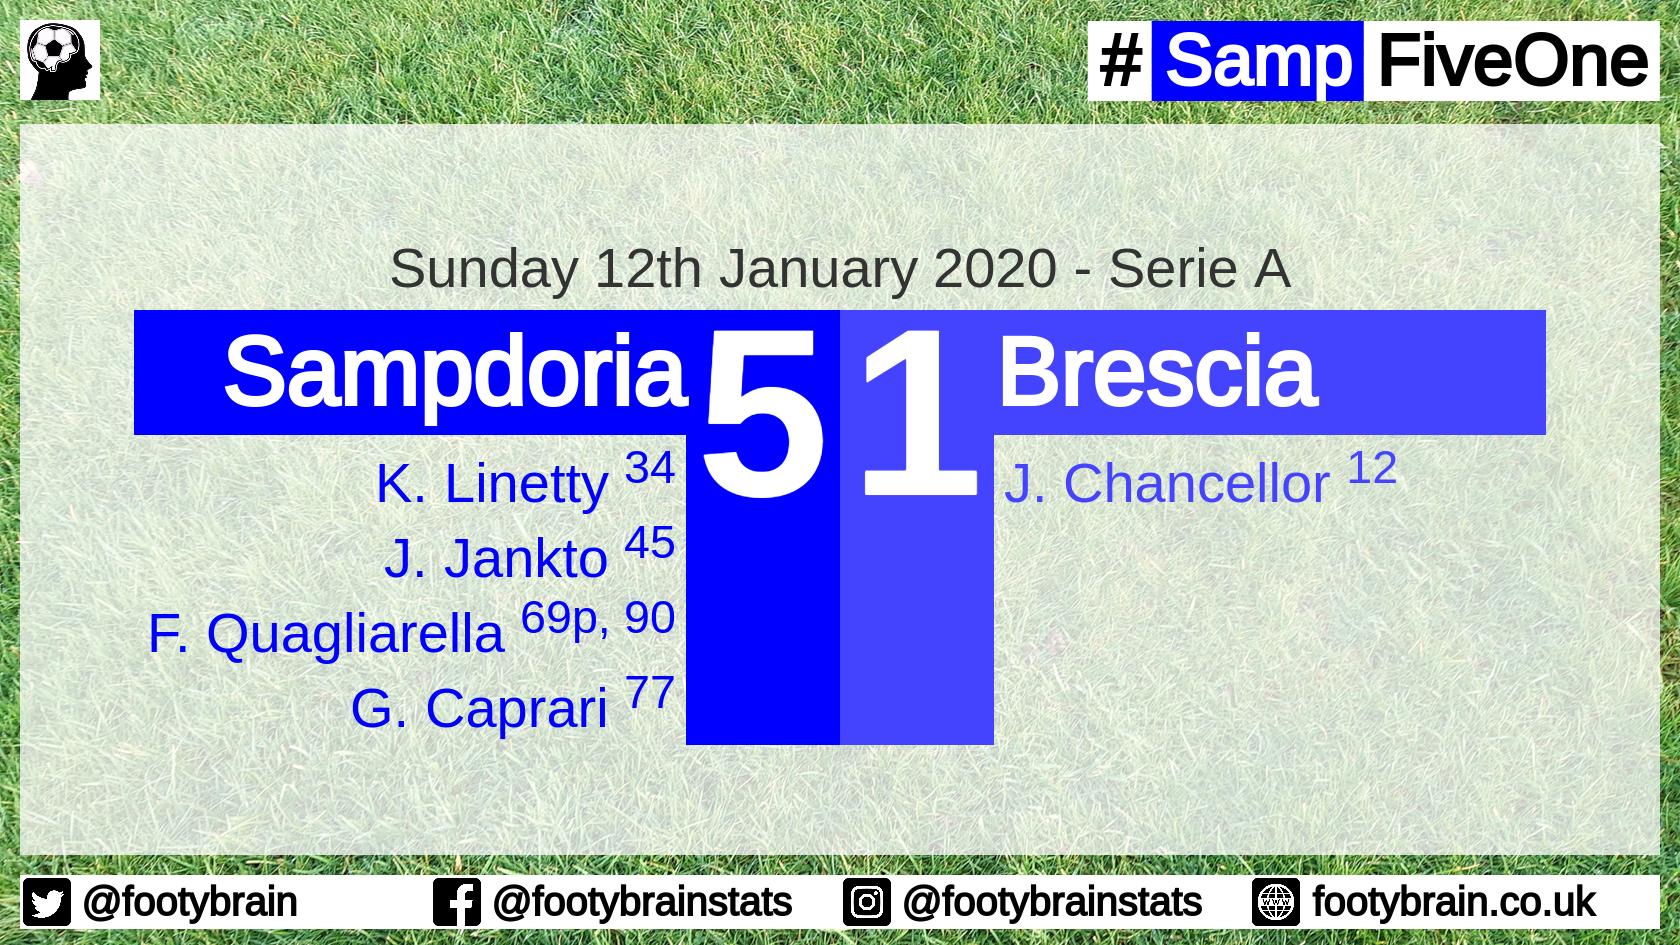 Sampdoria 5 Brescia 1, Jan 2020